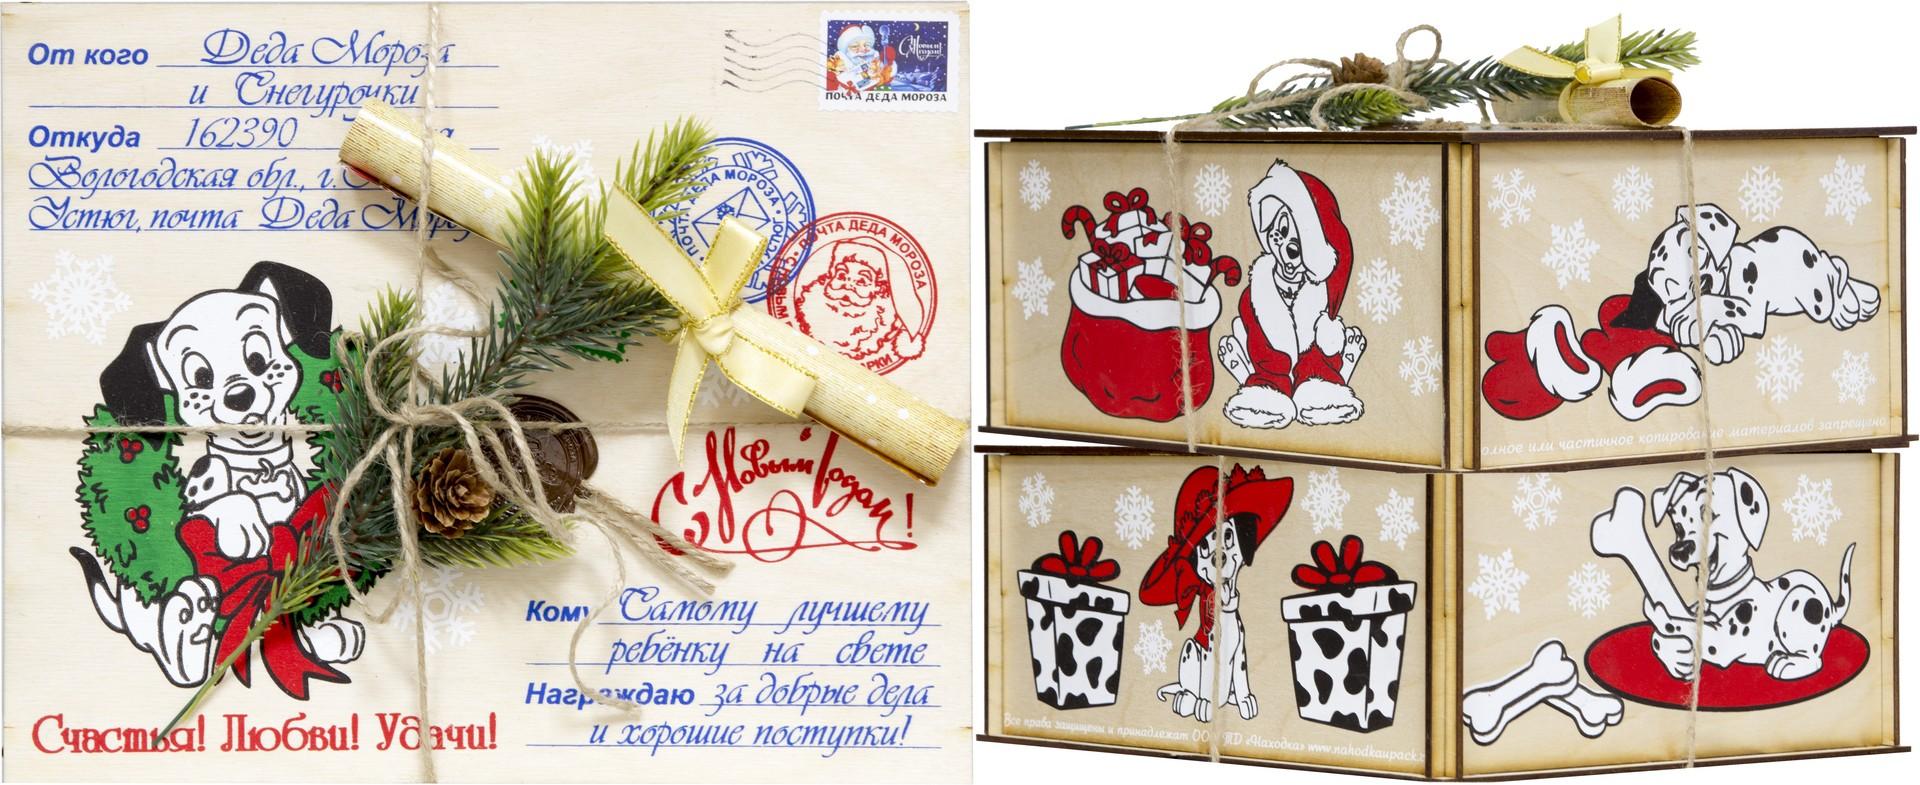 Как упаковать подарок от деда мороза 316